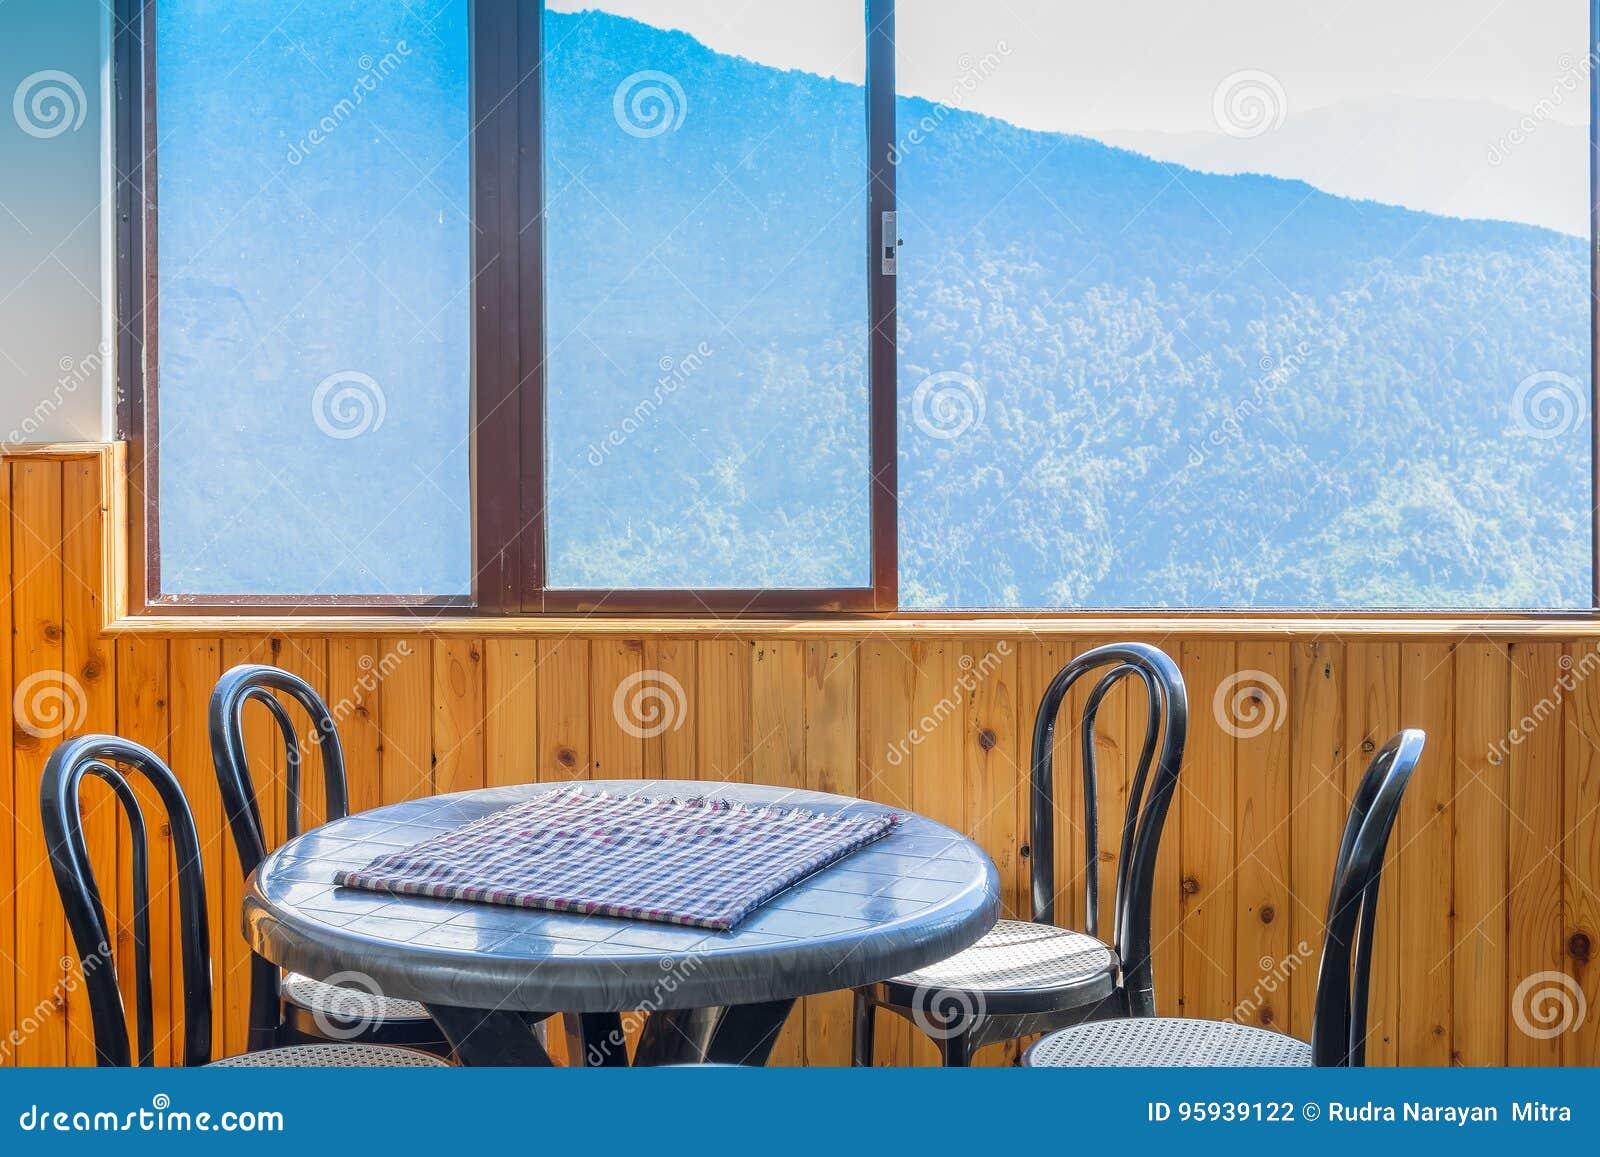 Lijst, stoelen en venster met buiten mening van berg